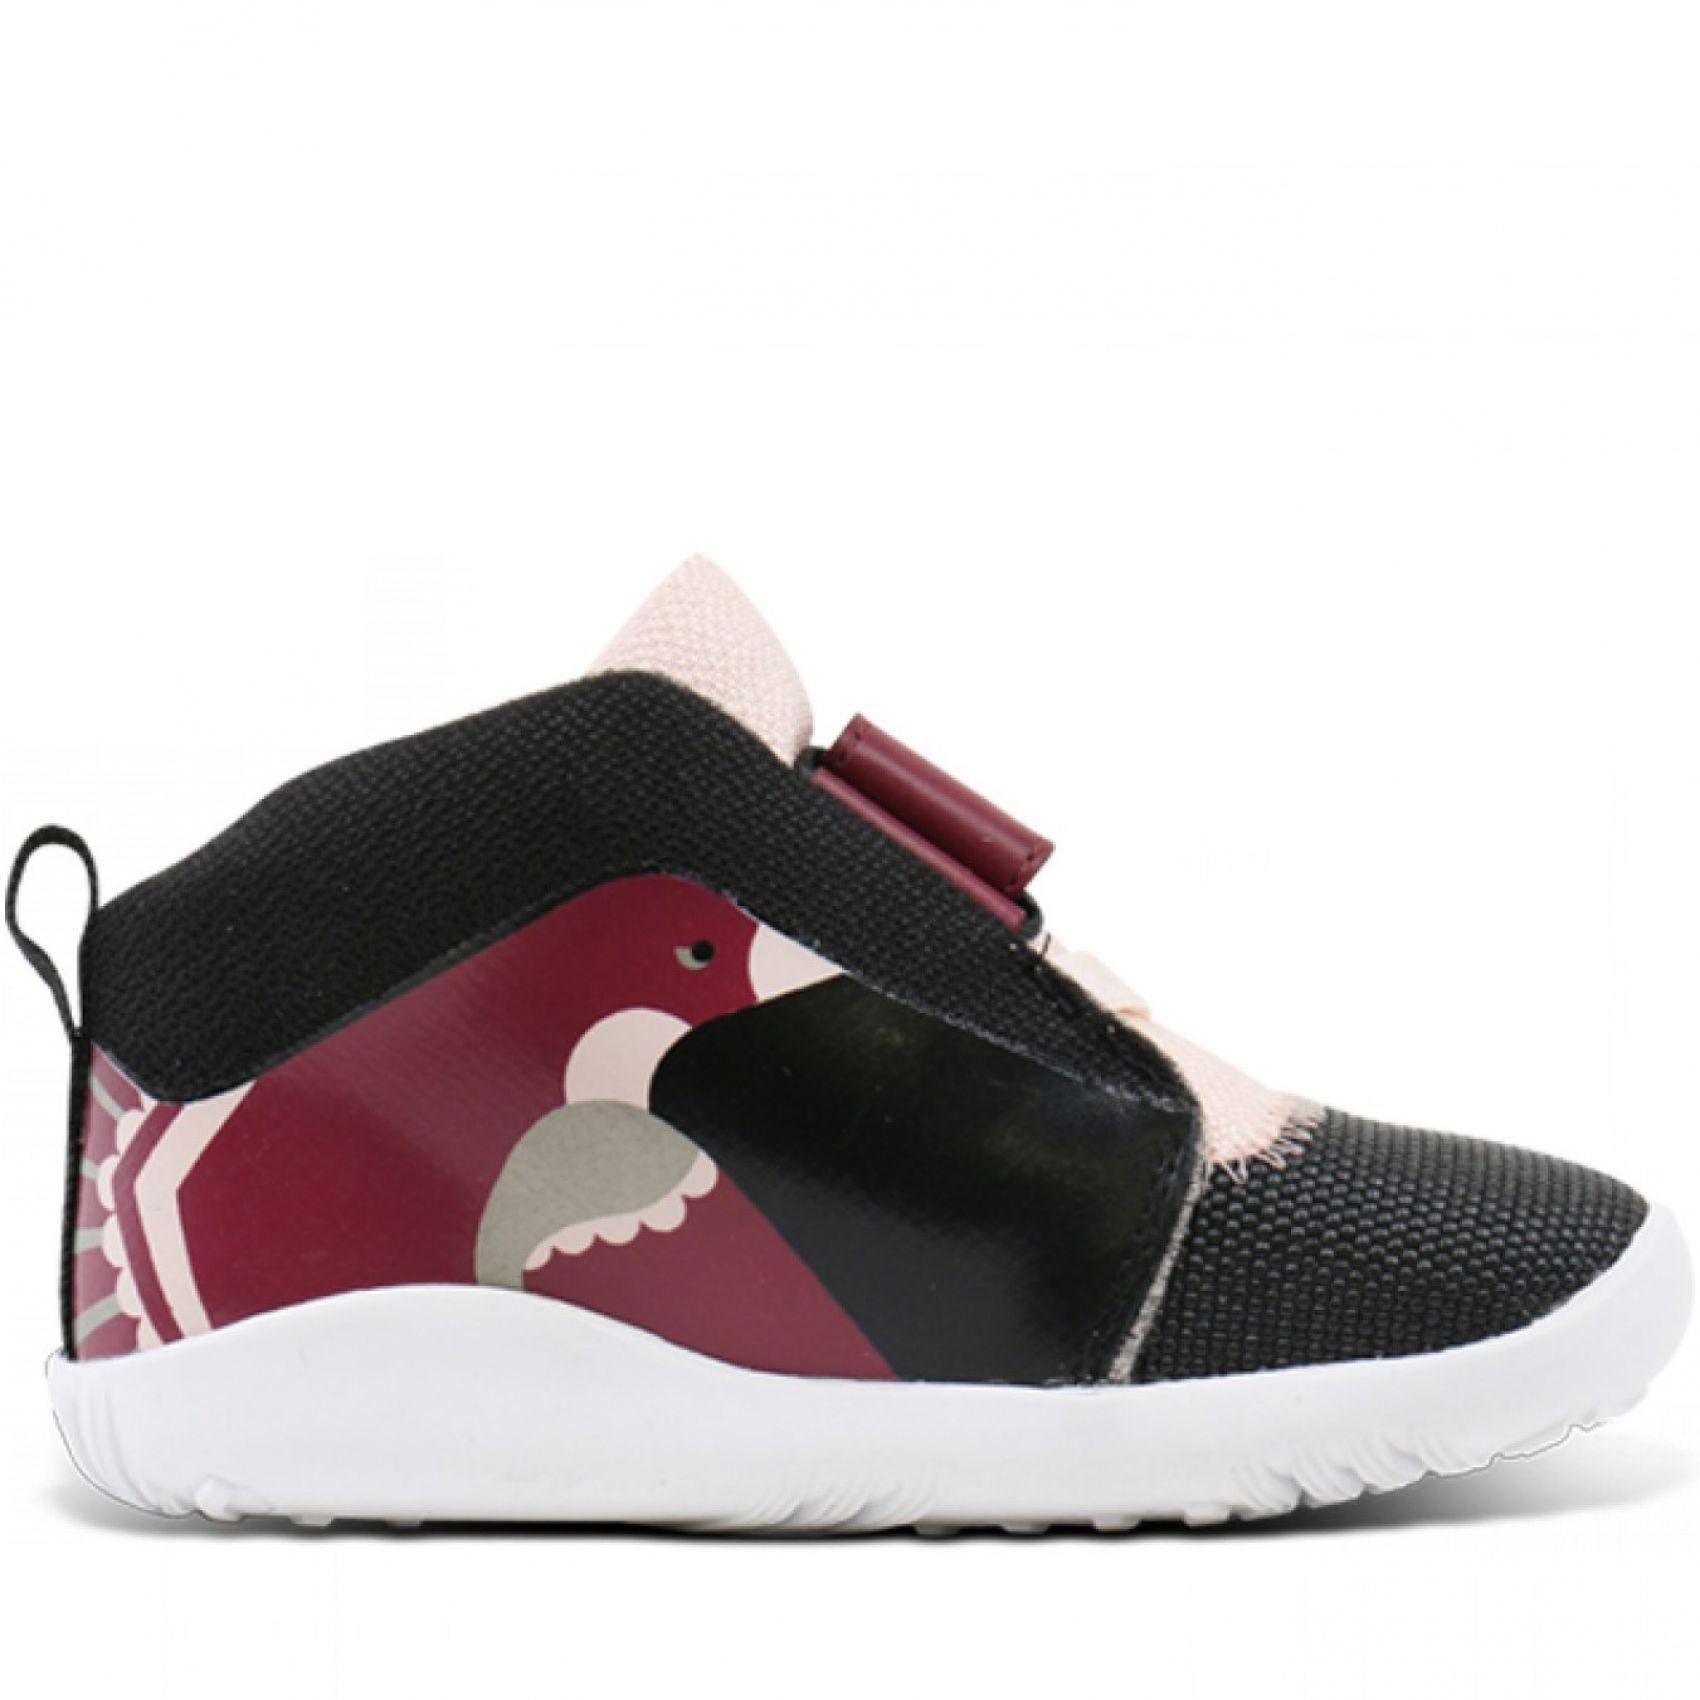 Ultralekkie Buciki Bobux Z Zieba 629808 Play Blaze Hi Top 629808 Polbuty Buty Dla Dziewczynki Slip On Sneaker Sneakers Slip On